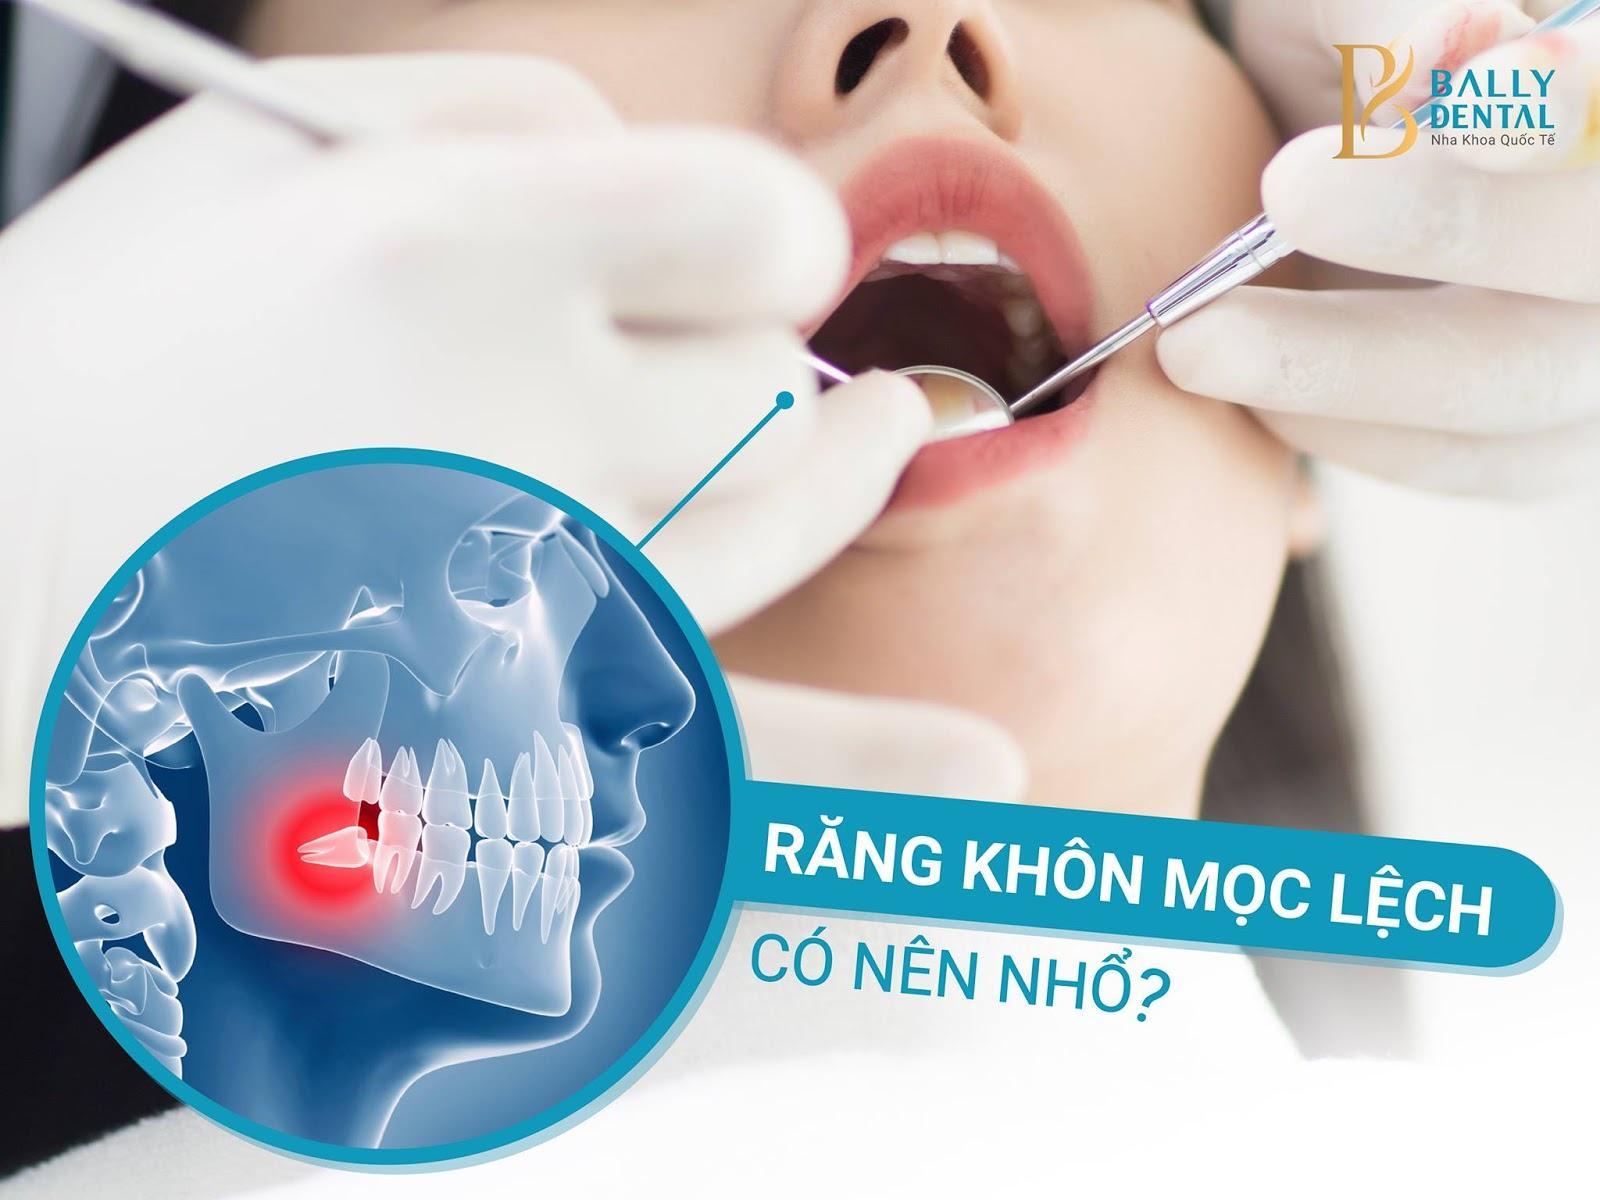 Nhổ răng khôn đau mấy ngày? Bác sĩ Nha khoa giải đáp Nha khoa Bally